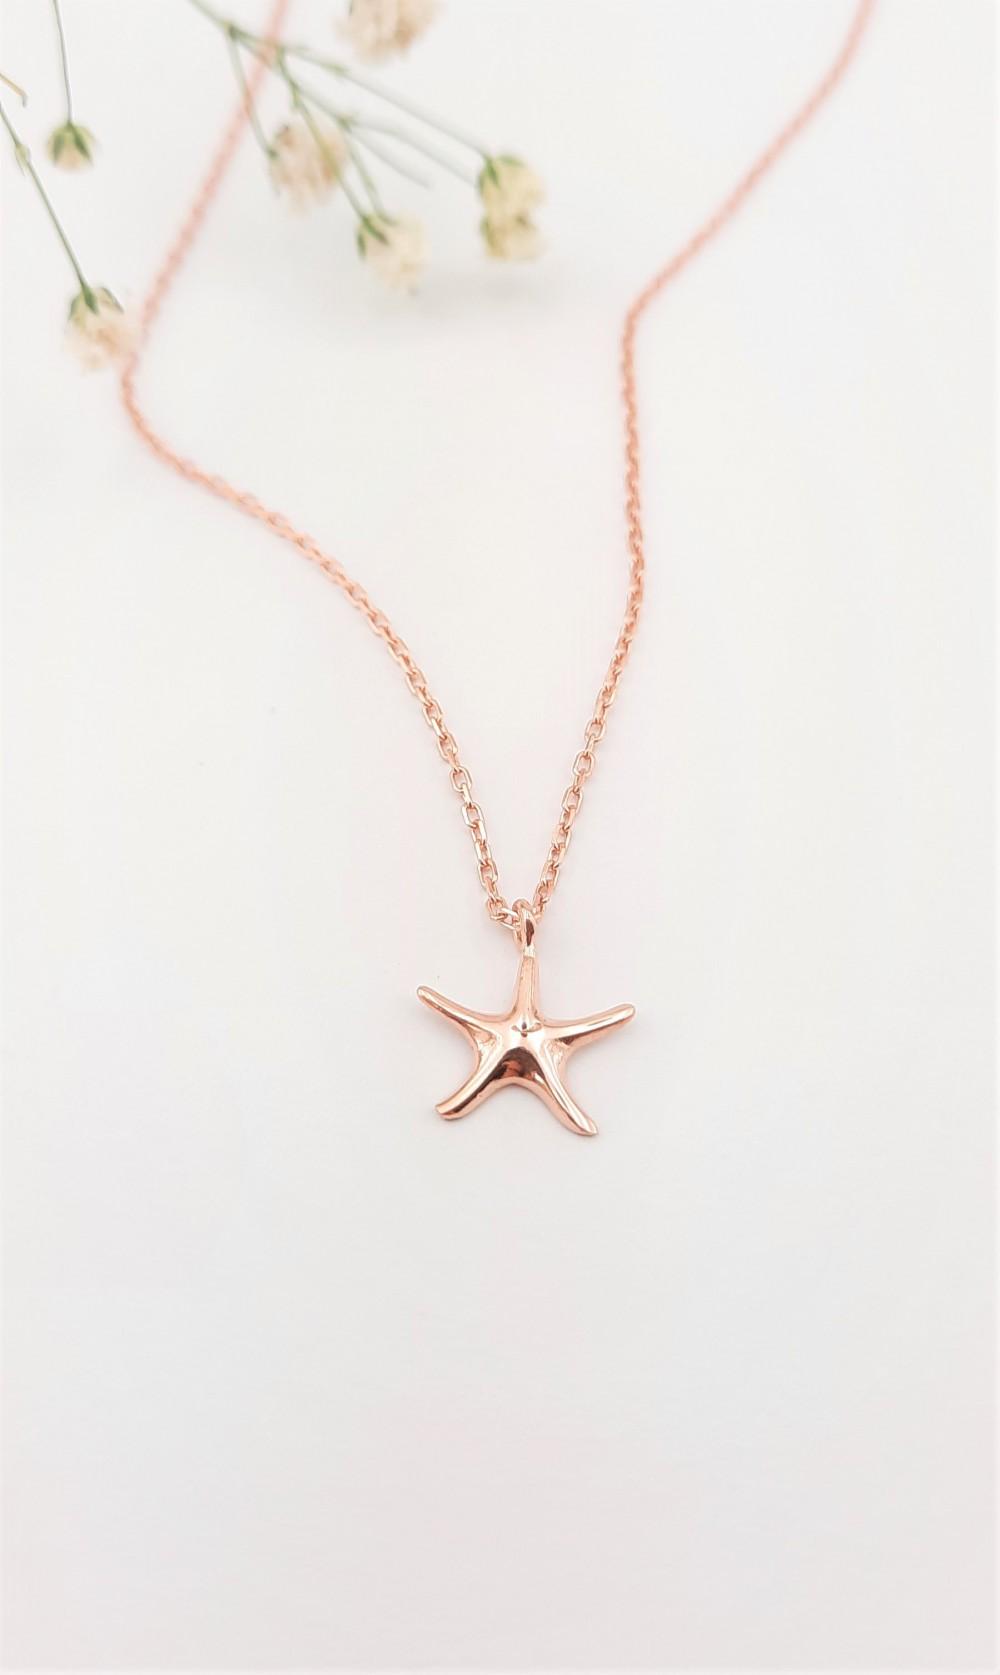 Taşsız Deniz Yıldızı Gümüş Kolye